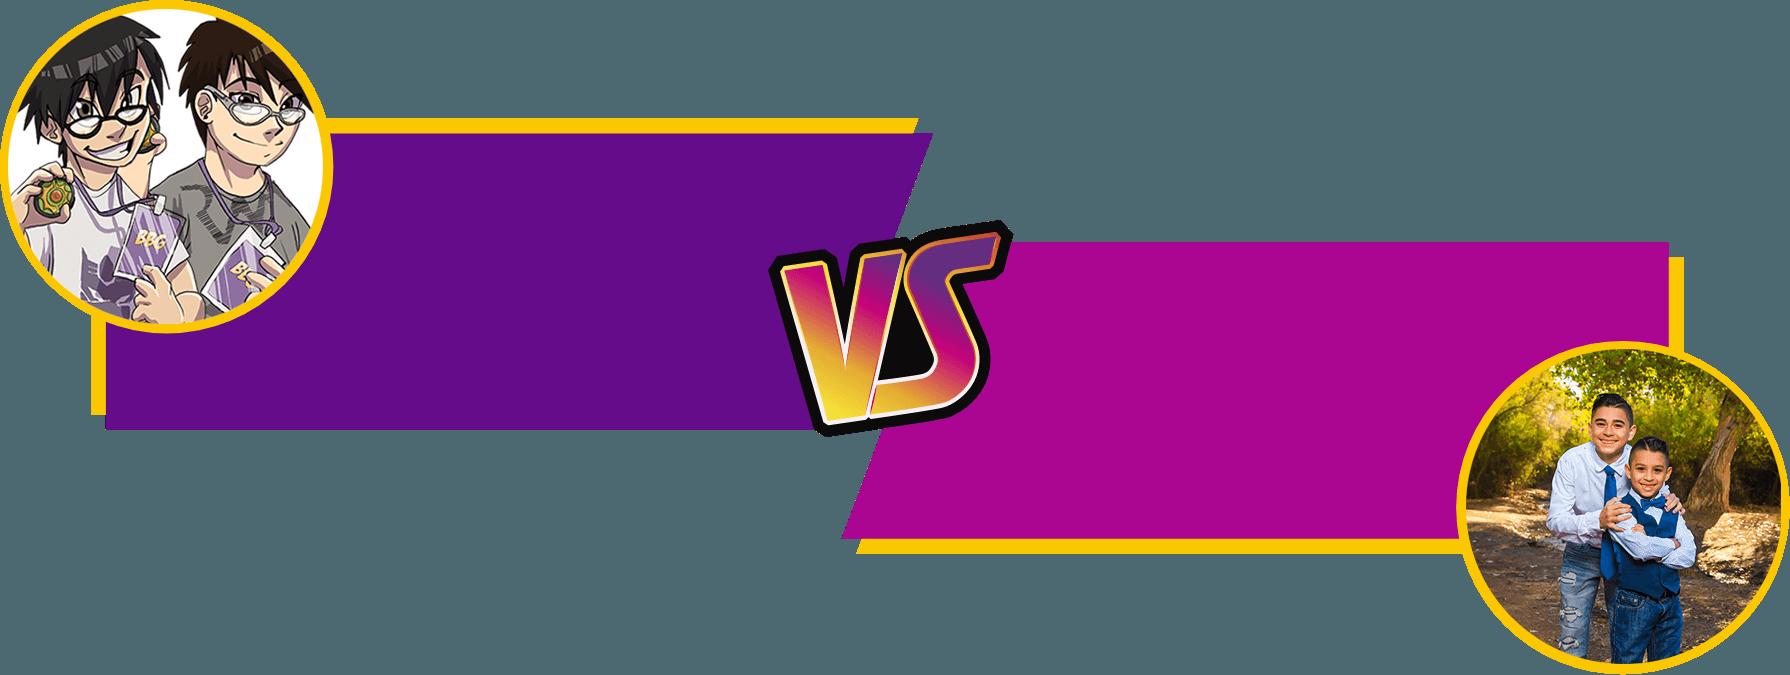 BeybladeGeeks vs. Damian & Deion in Motion